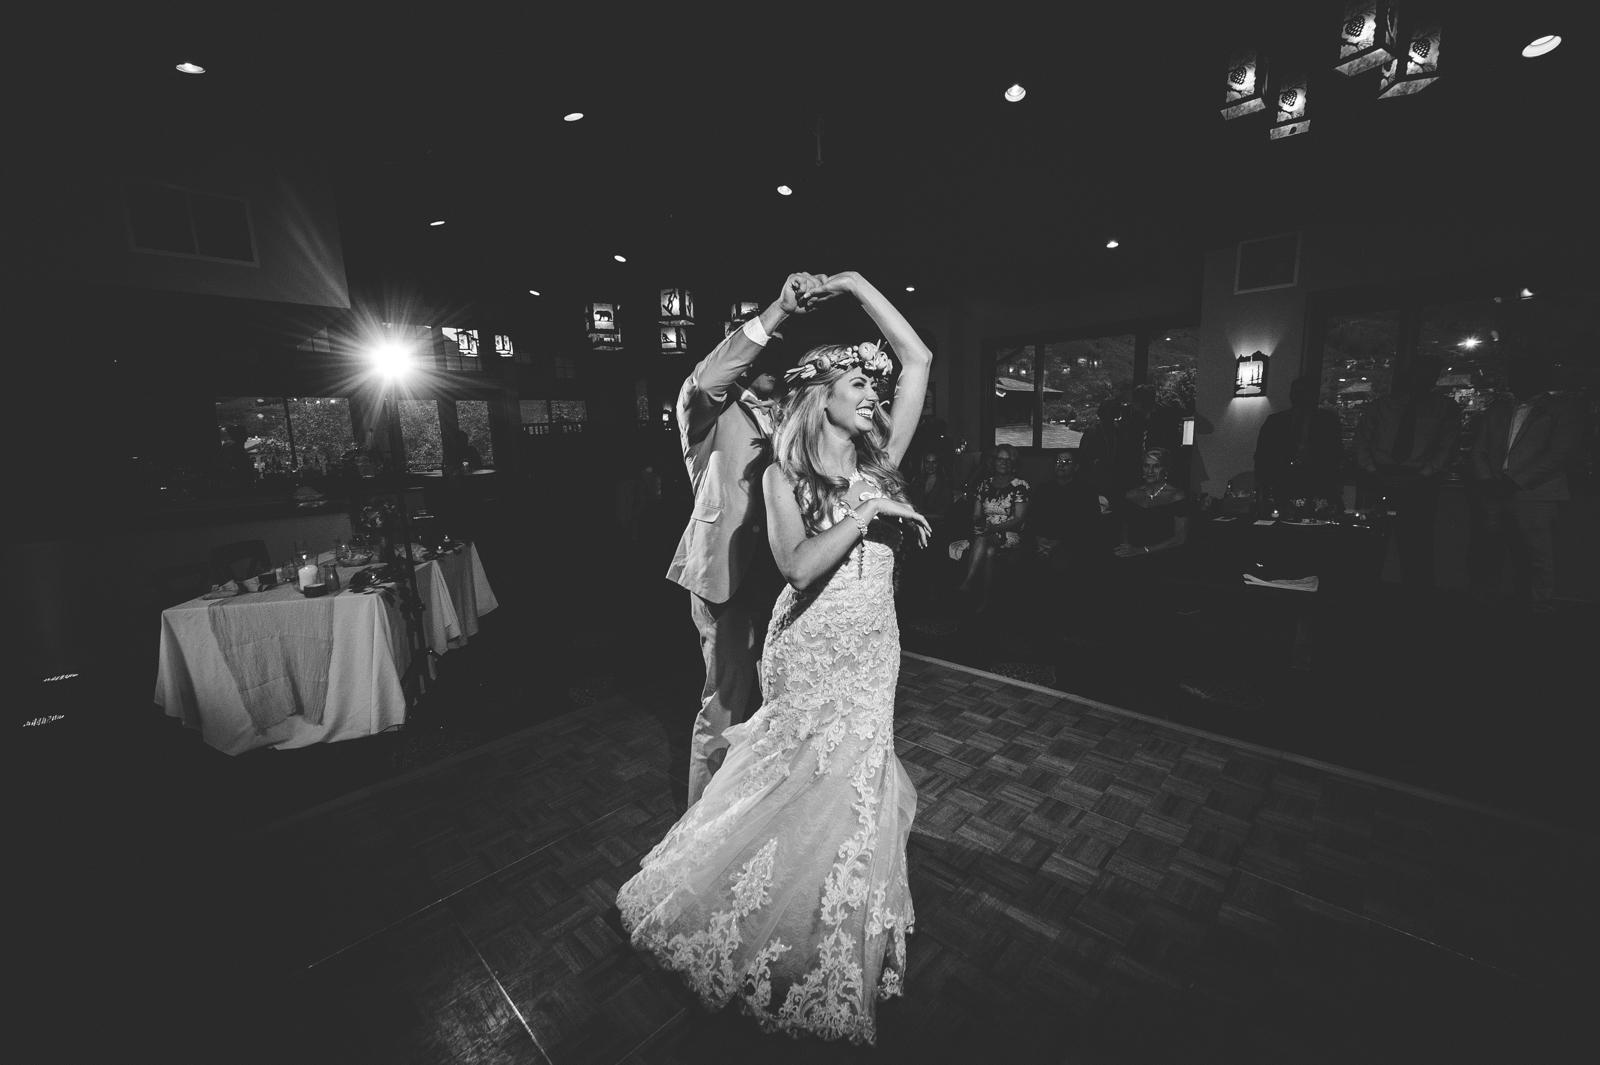 ChadFahnestockPhotography-wedding-photography-portfolio-021.jpg